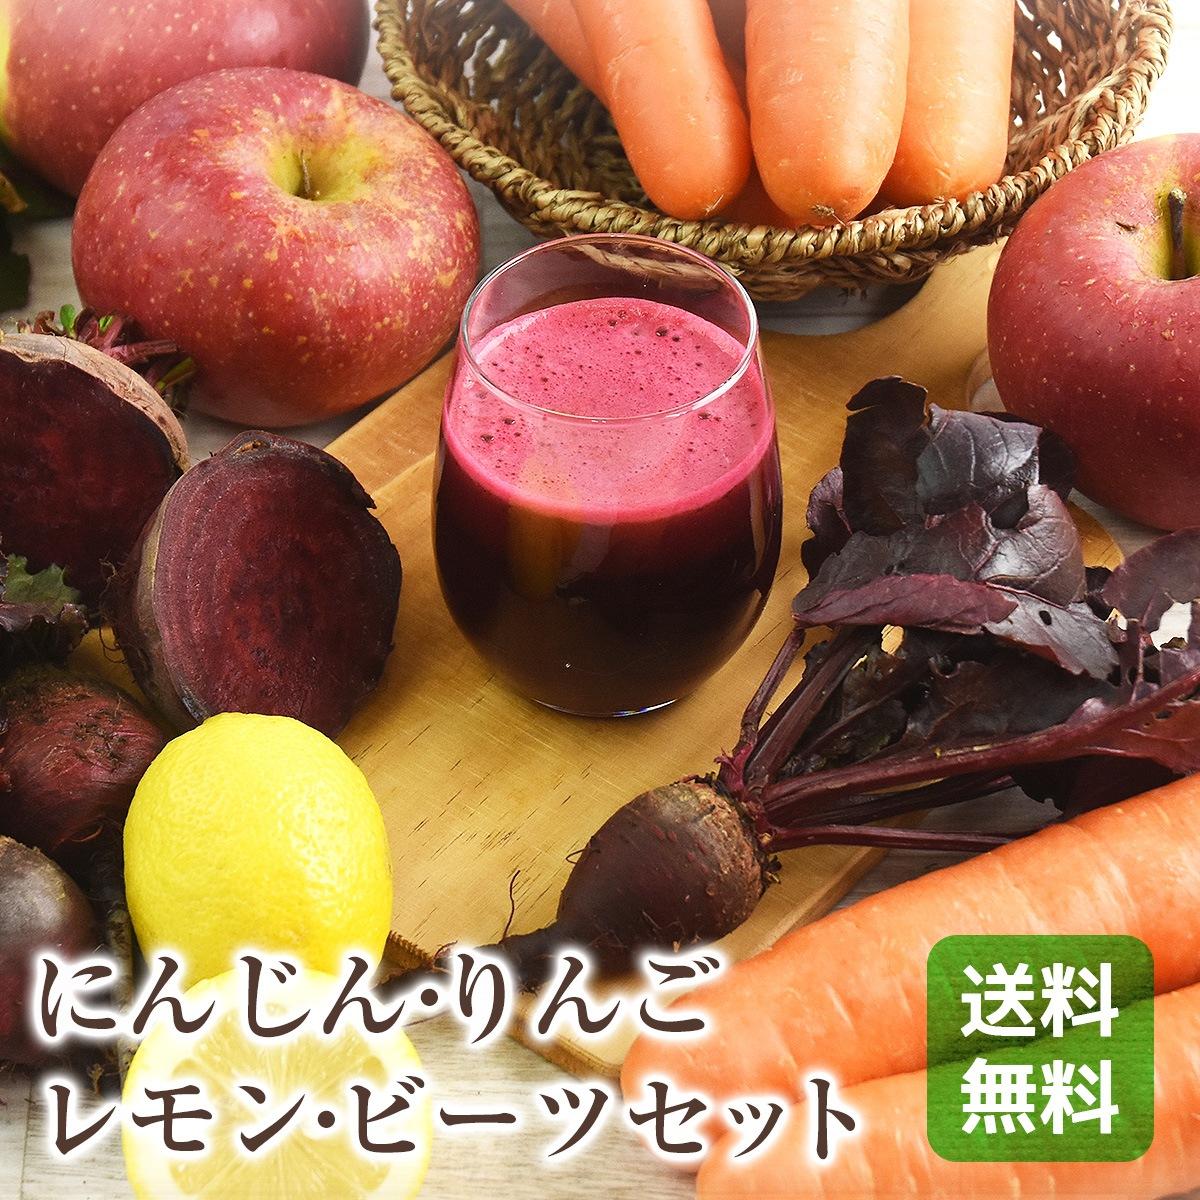 にんじん・りんご・レモン・ビーツセット